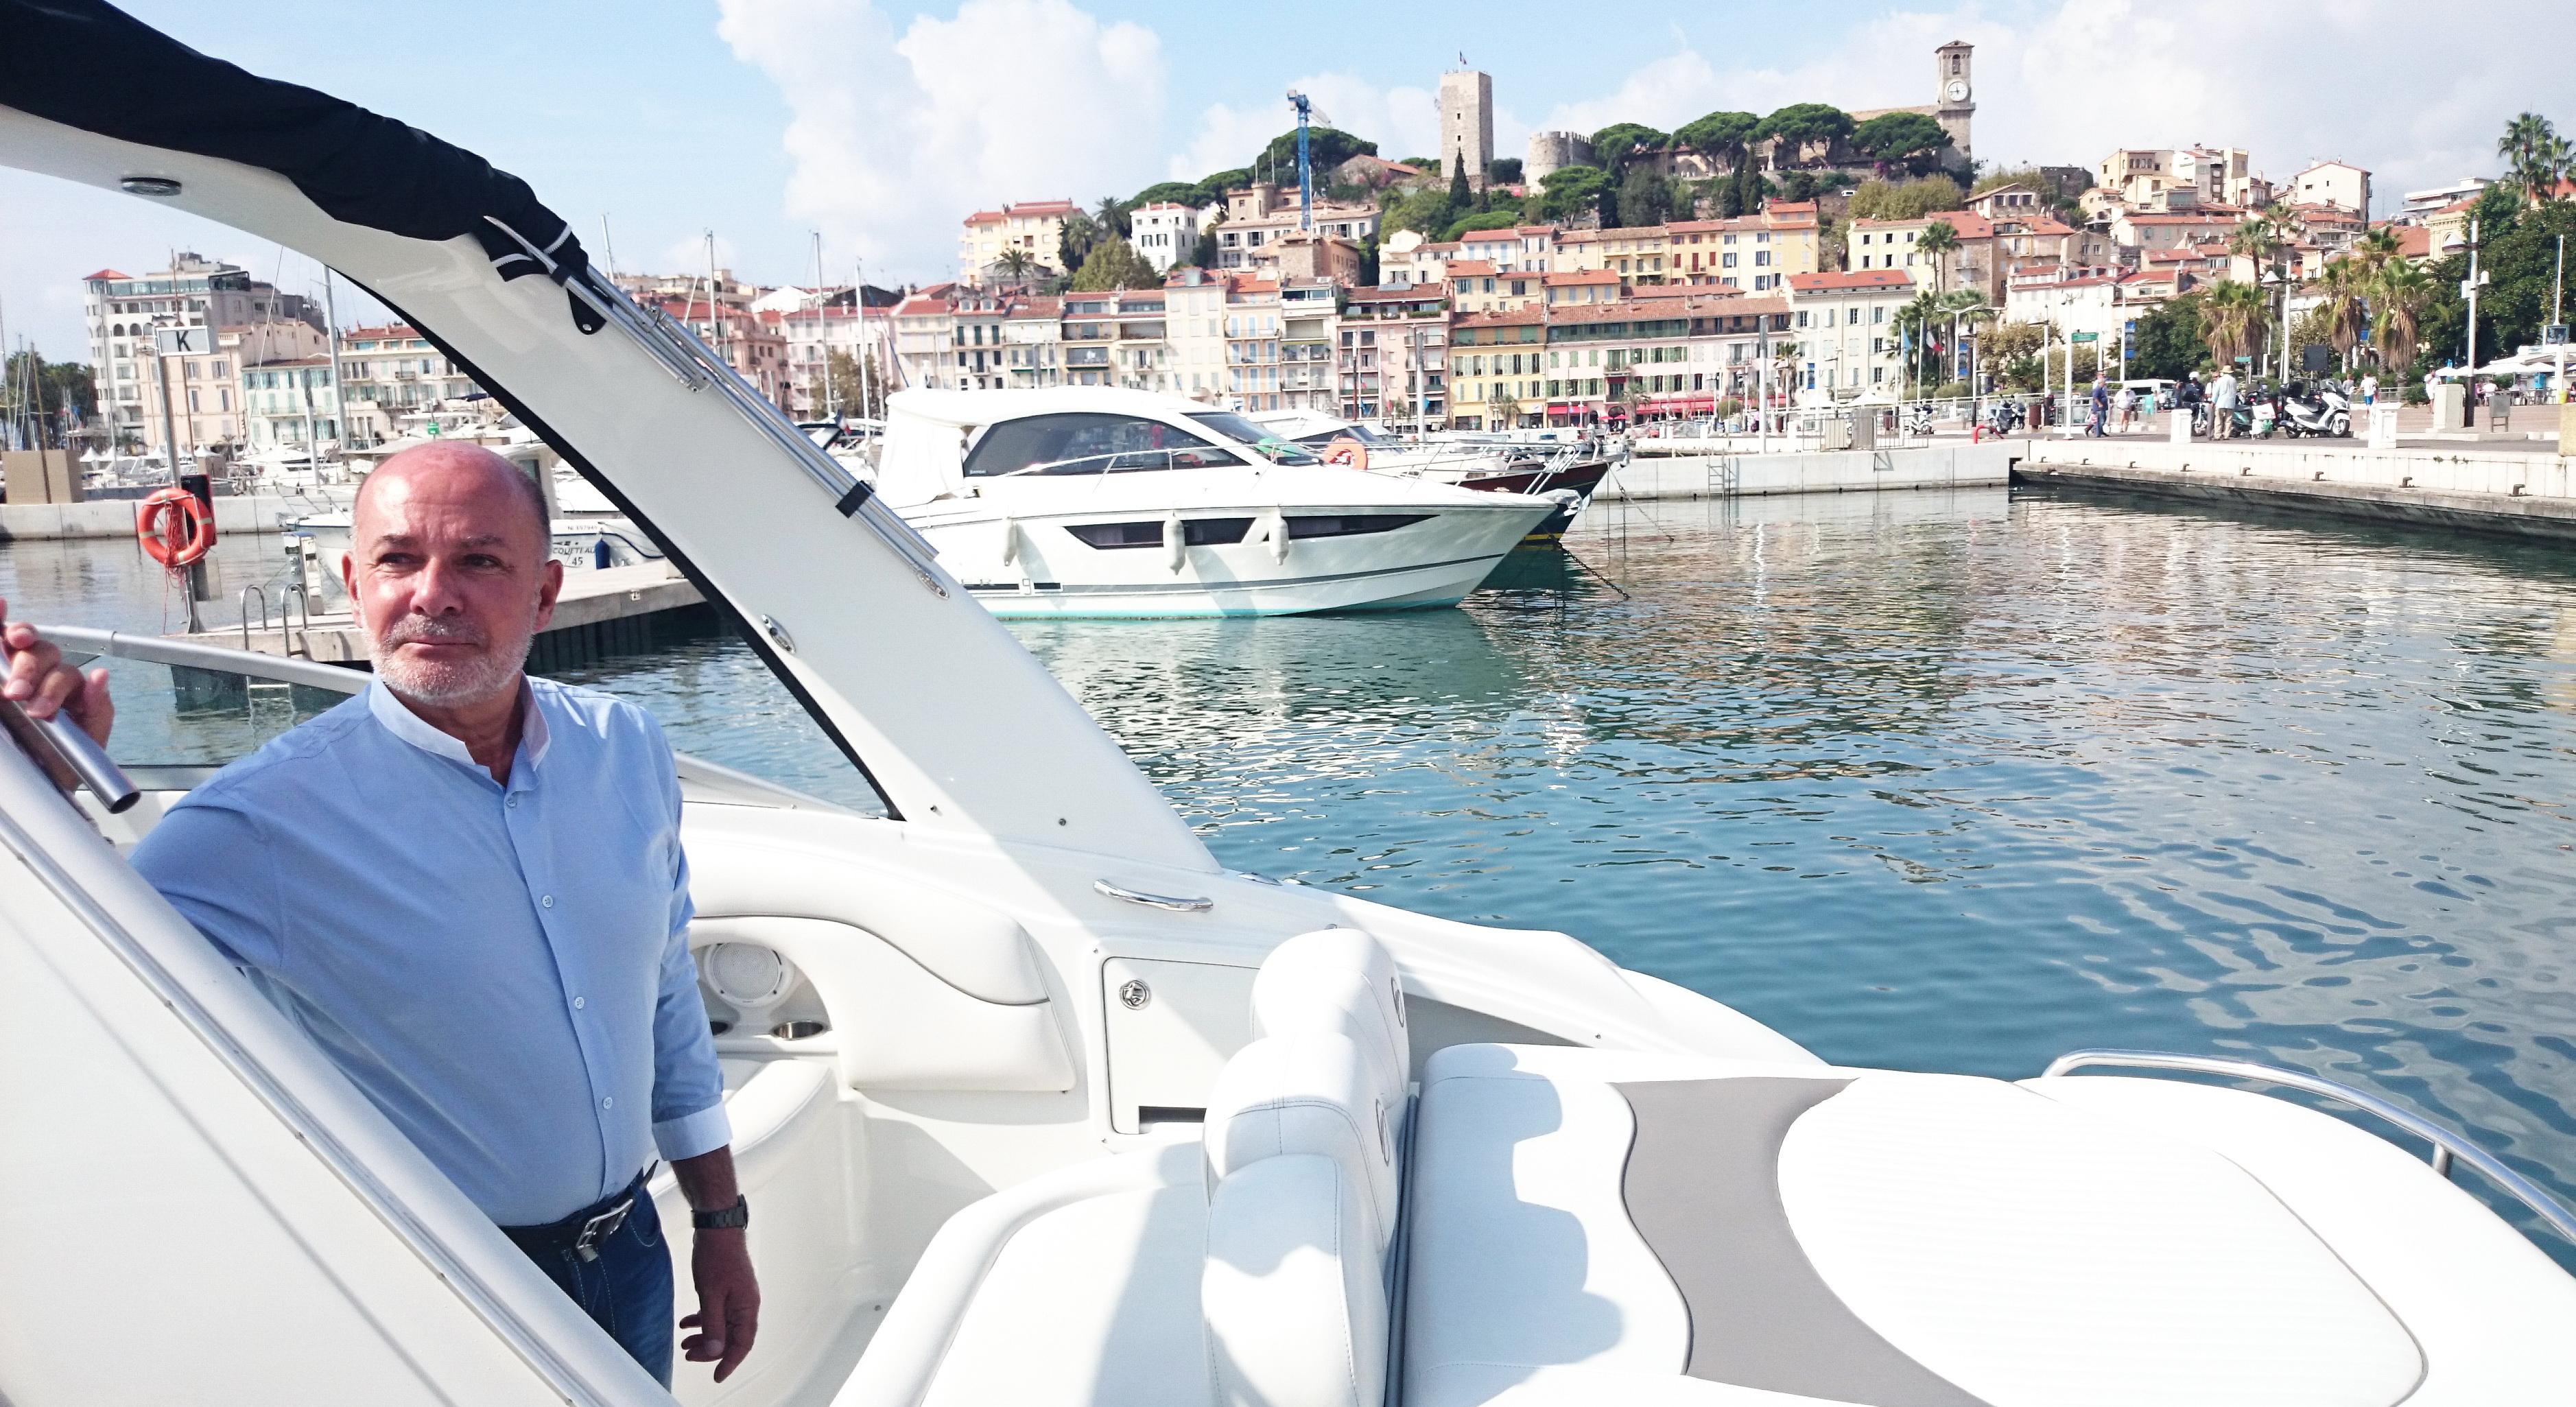 Jean-Claude Anaf à Cannes. 1,150 million d'euros en 45 minutes chrono